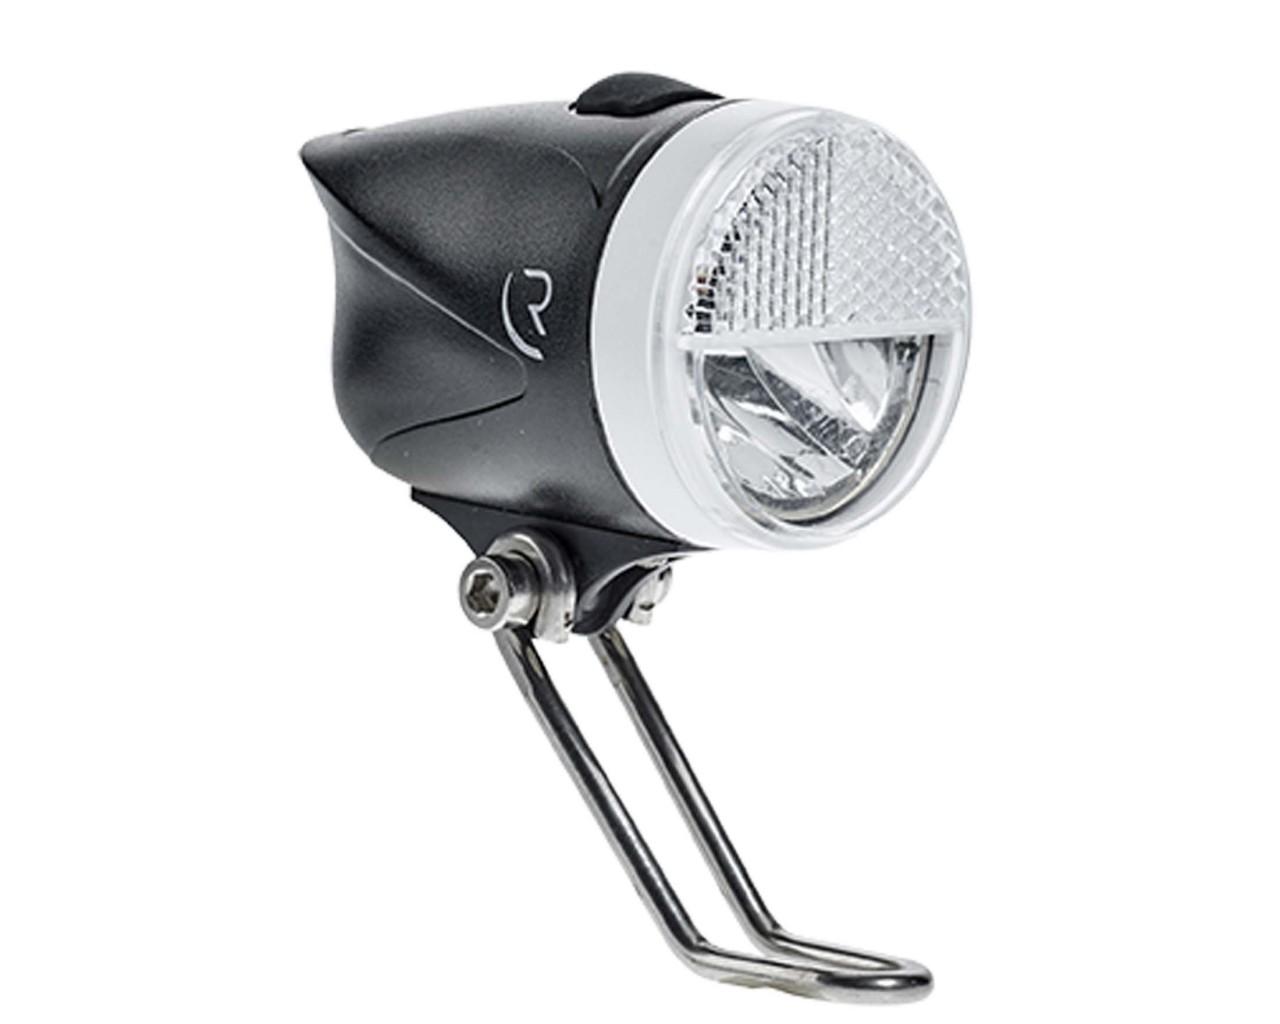 Cube RFR Frontscheinwerfer Front Light USB TOUR 40 mit StVZO Zulassung   black n white